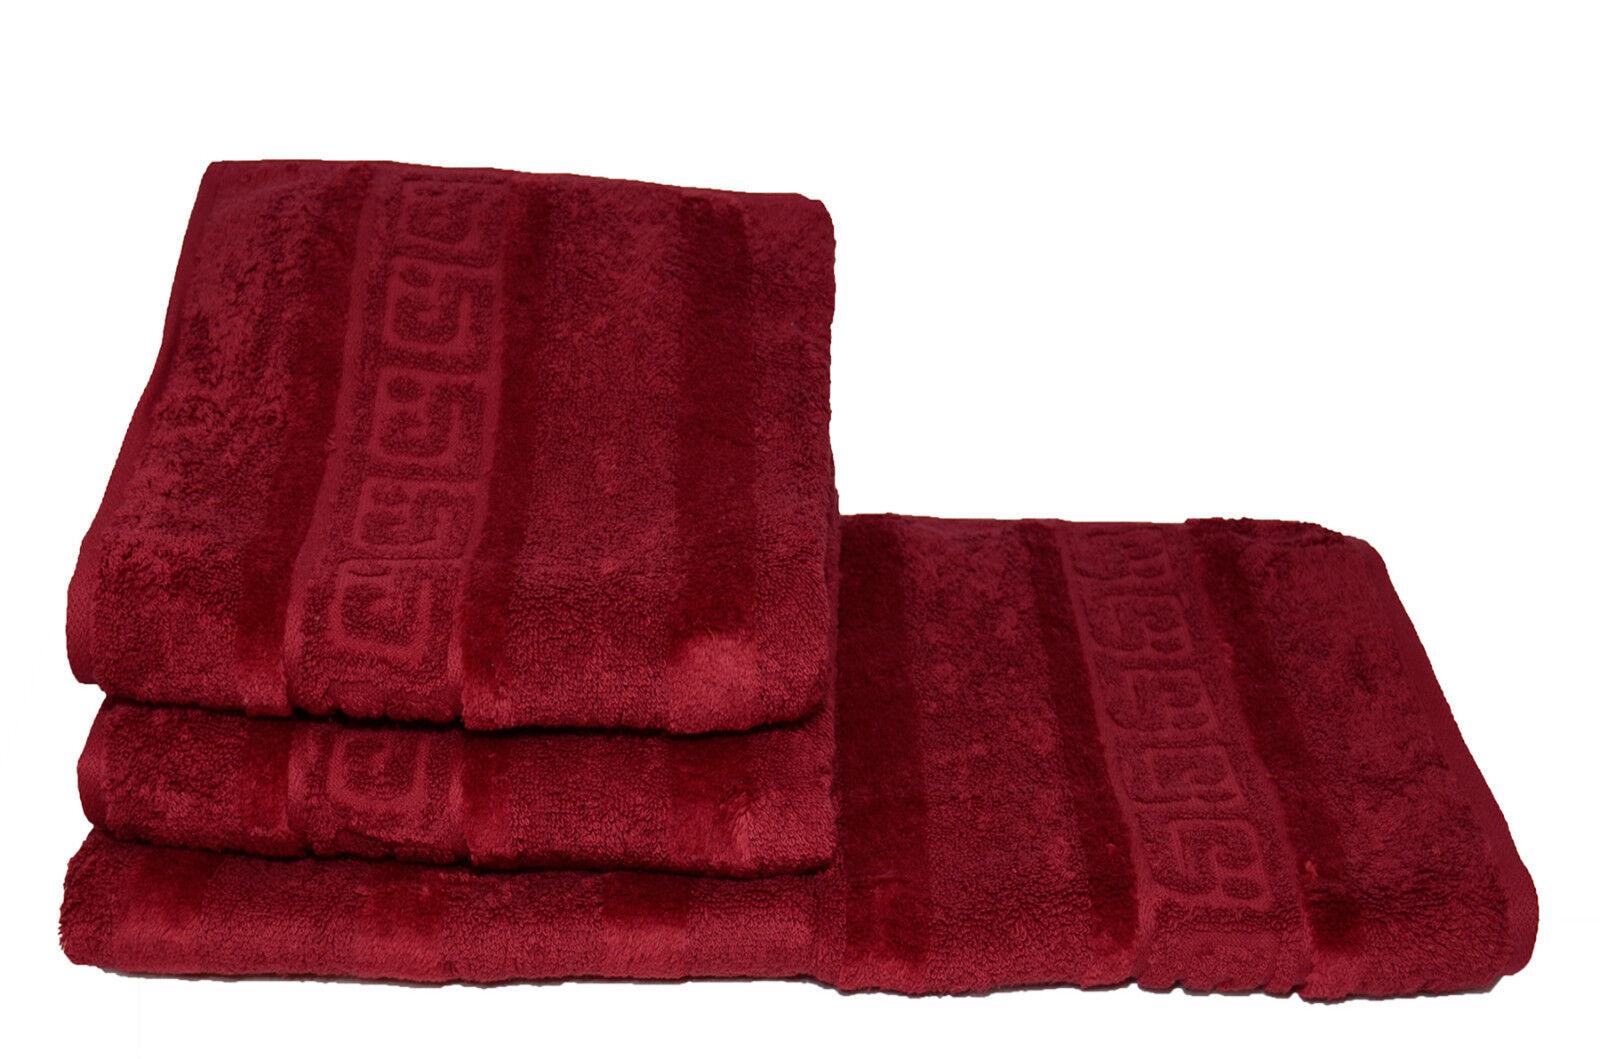 Cawö Noblesse 2x Handtuch Gr. 50 x 100 bordeaux 280 Duschtücher online kaufen